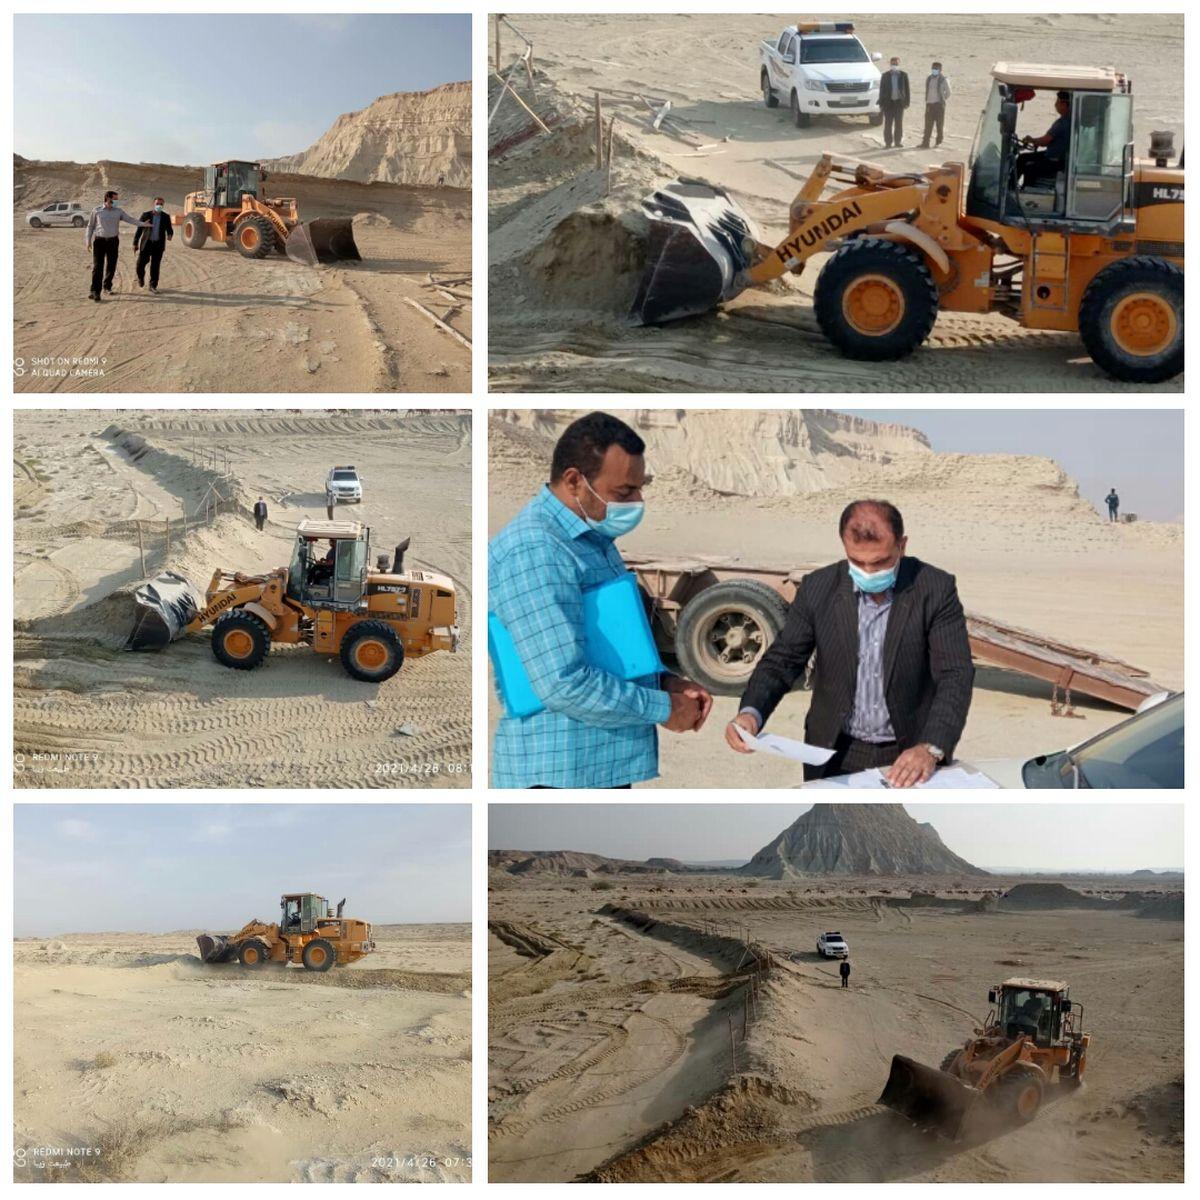 رفع تصرف اراضی خالصه دولتی در شهر سوزا قشم